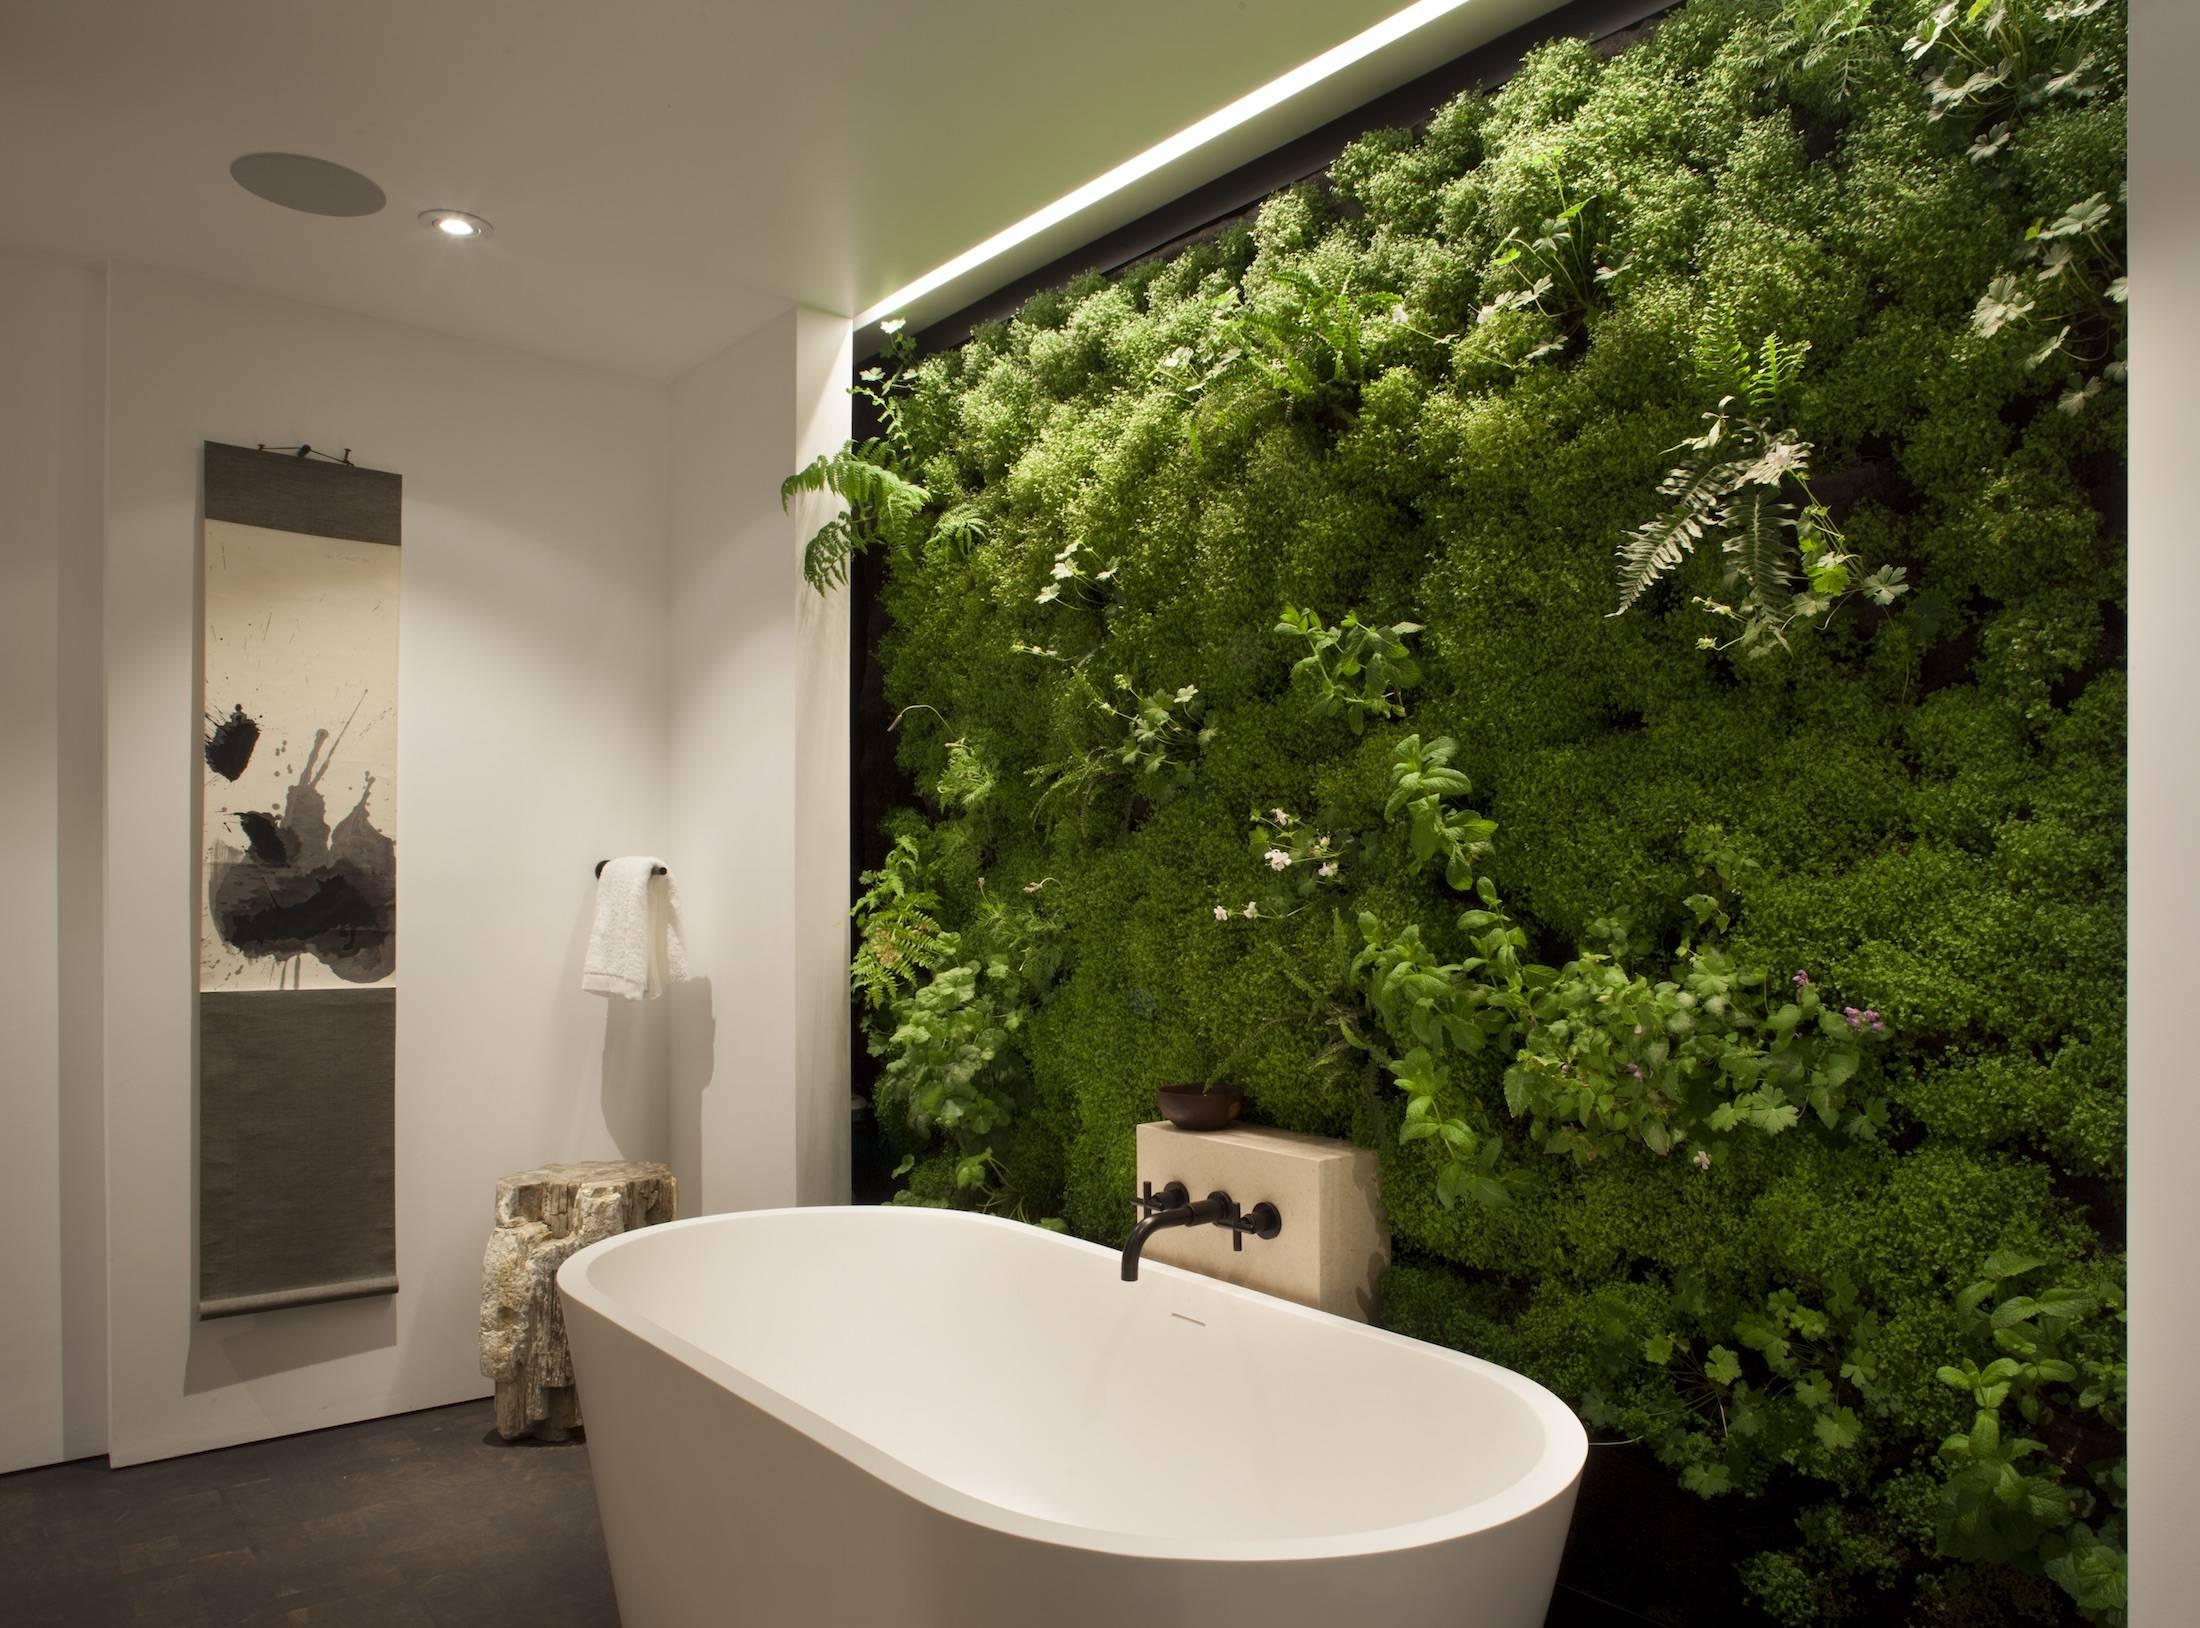 Comment fabriquer un mur avec des plantes ? - Créer un mur végétal ...